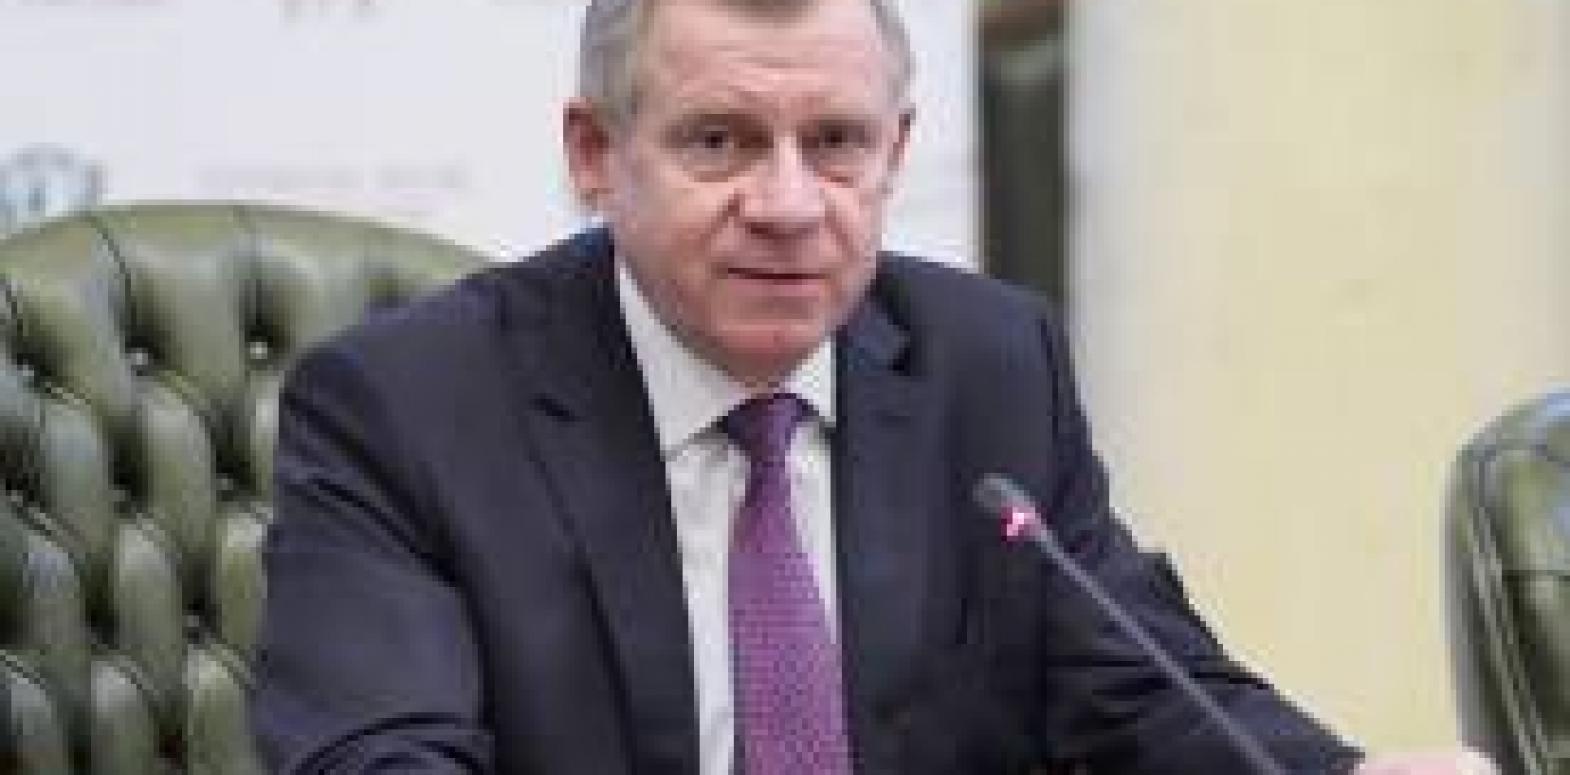 Смолий в январе трижды получил зарплату на сумму почти 600 тыс. грн